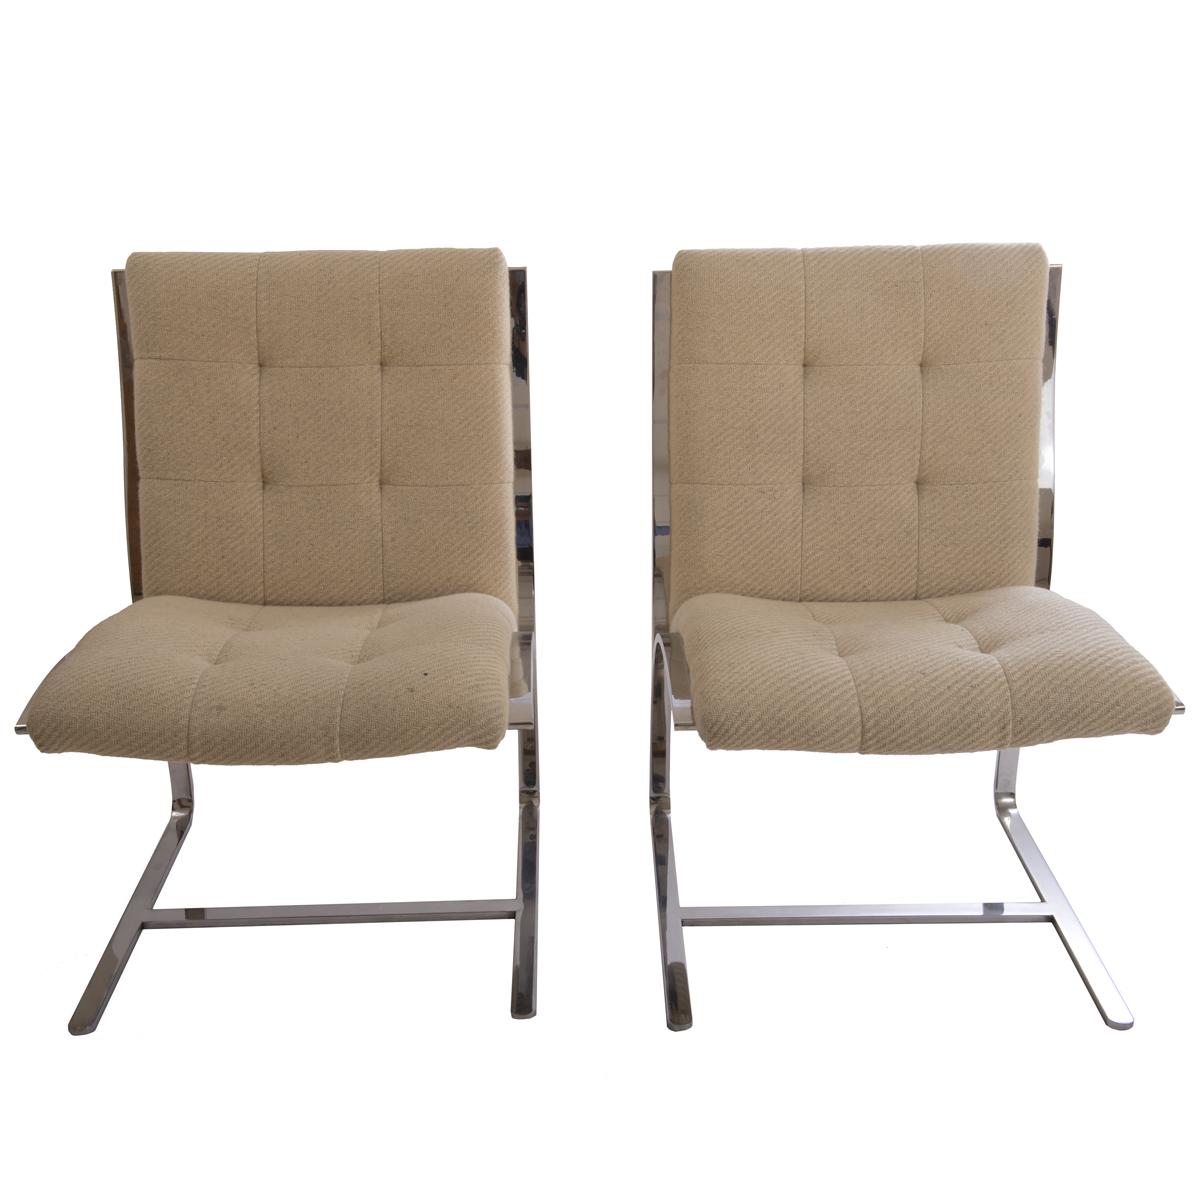 chair - metal & beige.jpg